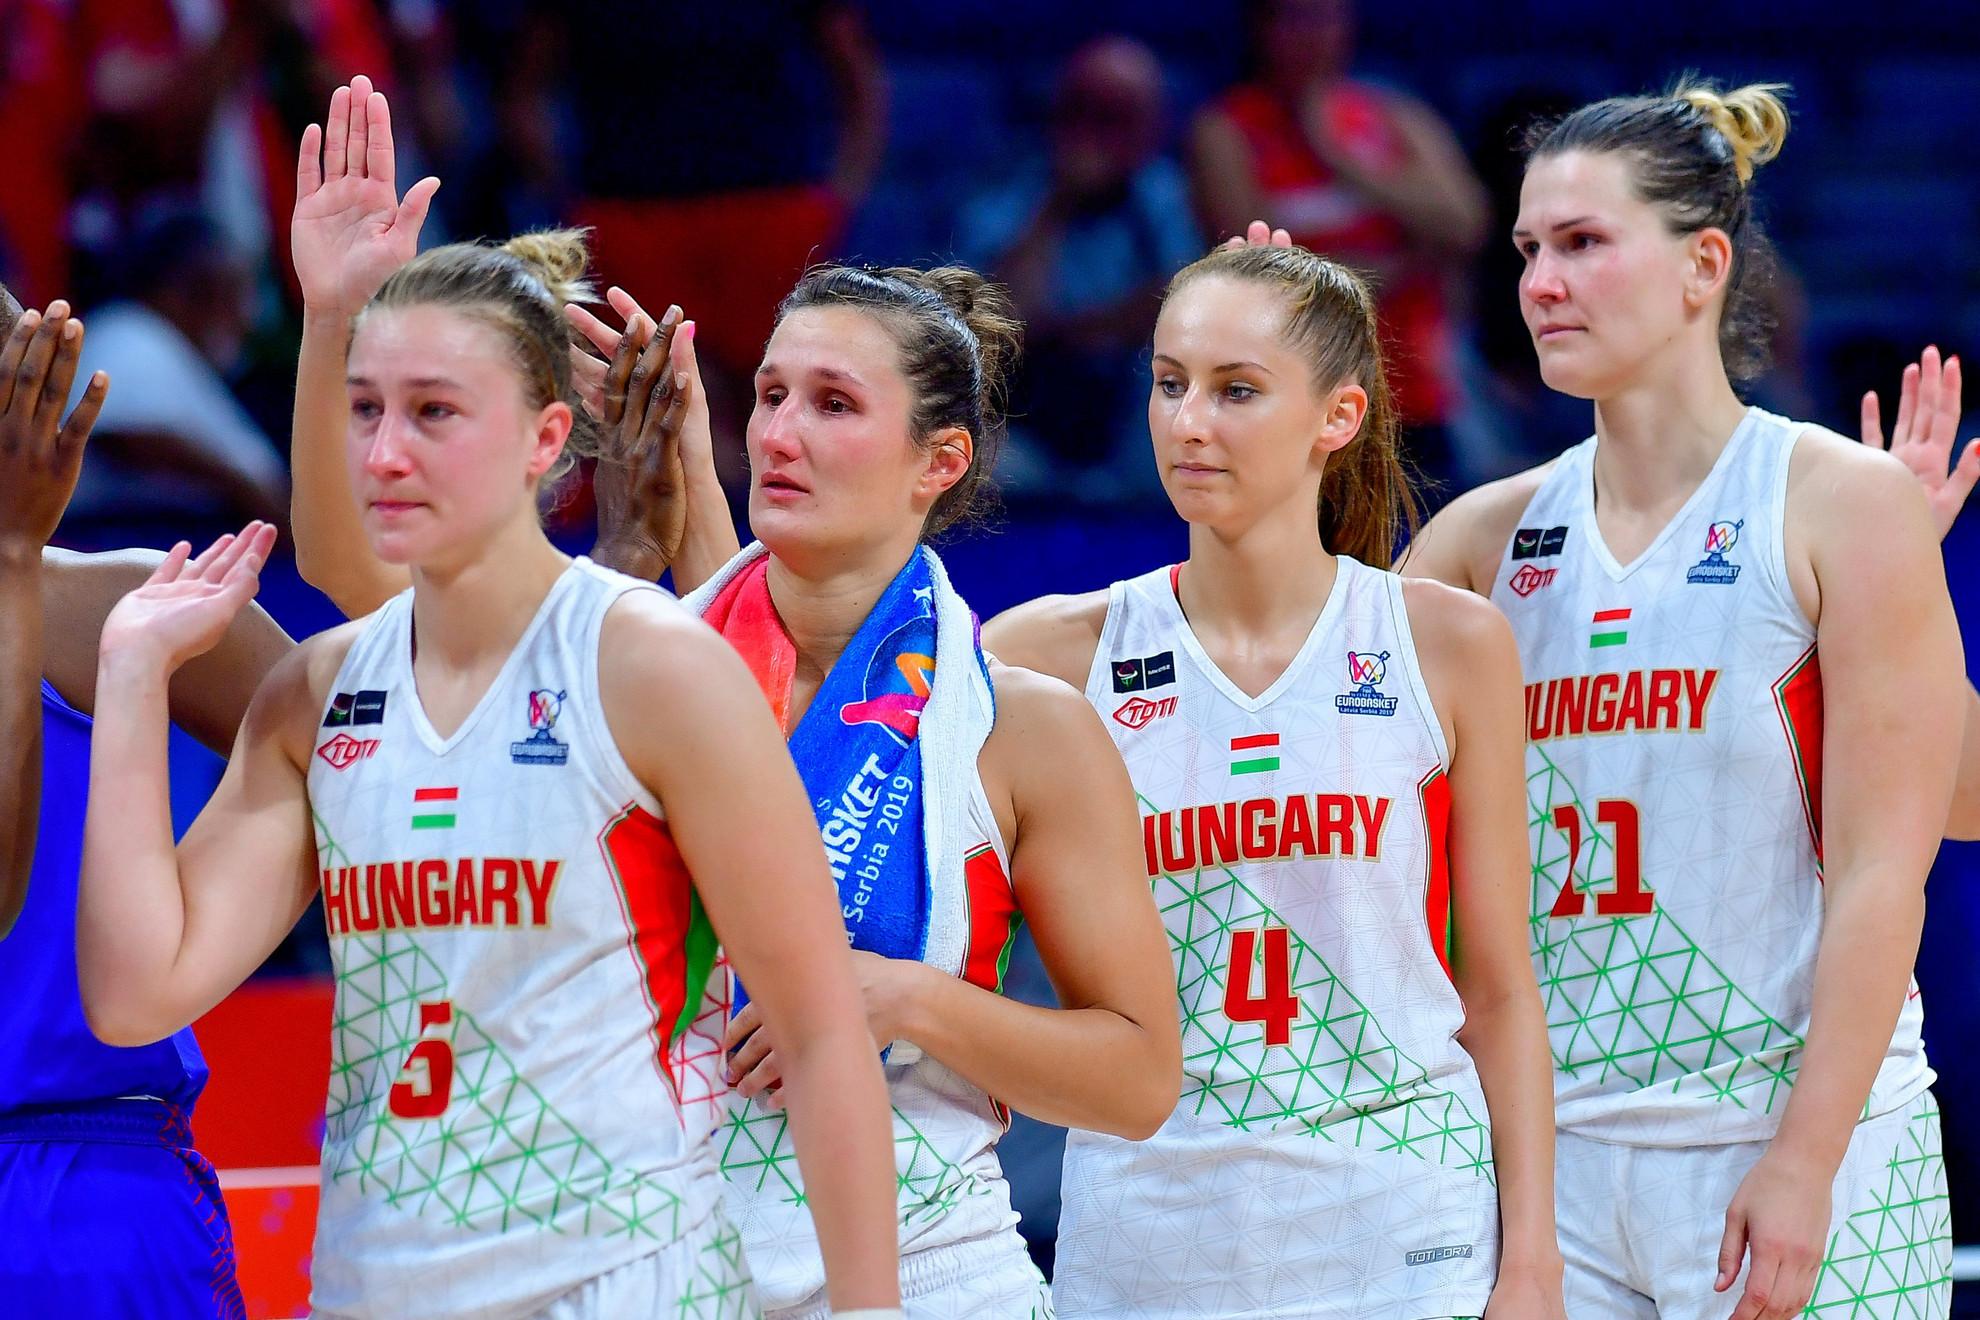 A magyar játékosok okkal voltak szomorúak a meccs után, de szombaton még egy nagy csata vár rájuk az olimpiai részvételért